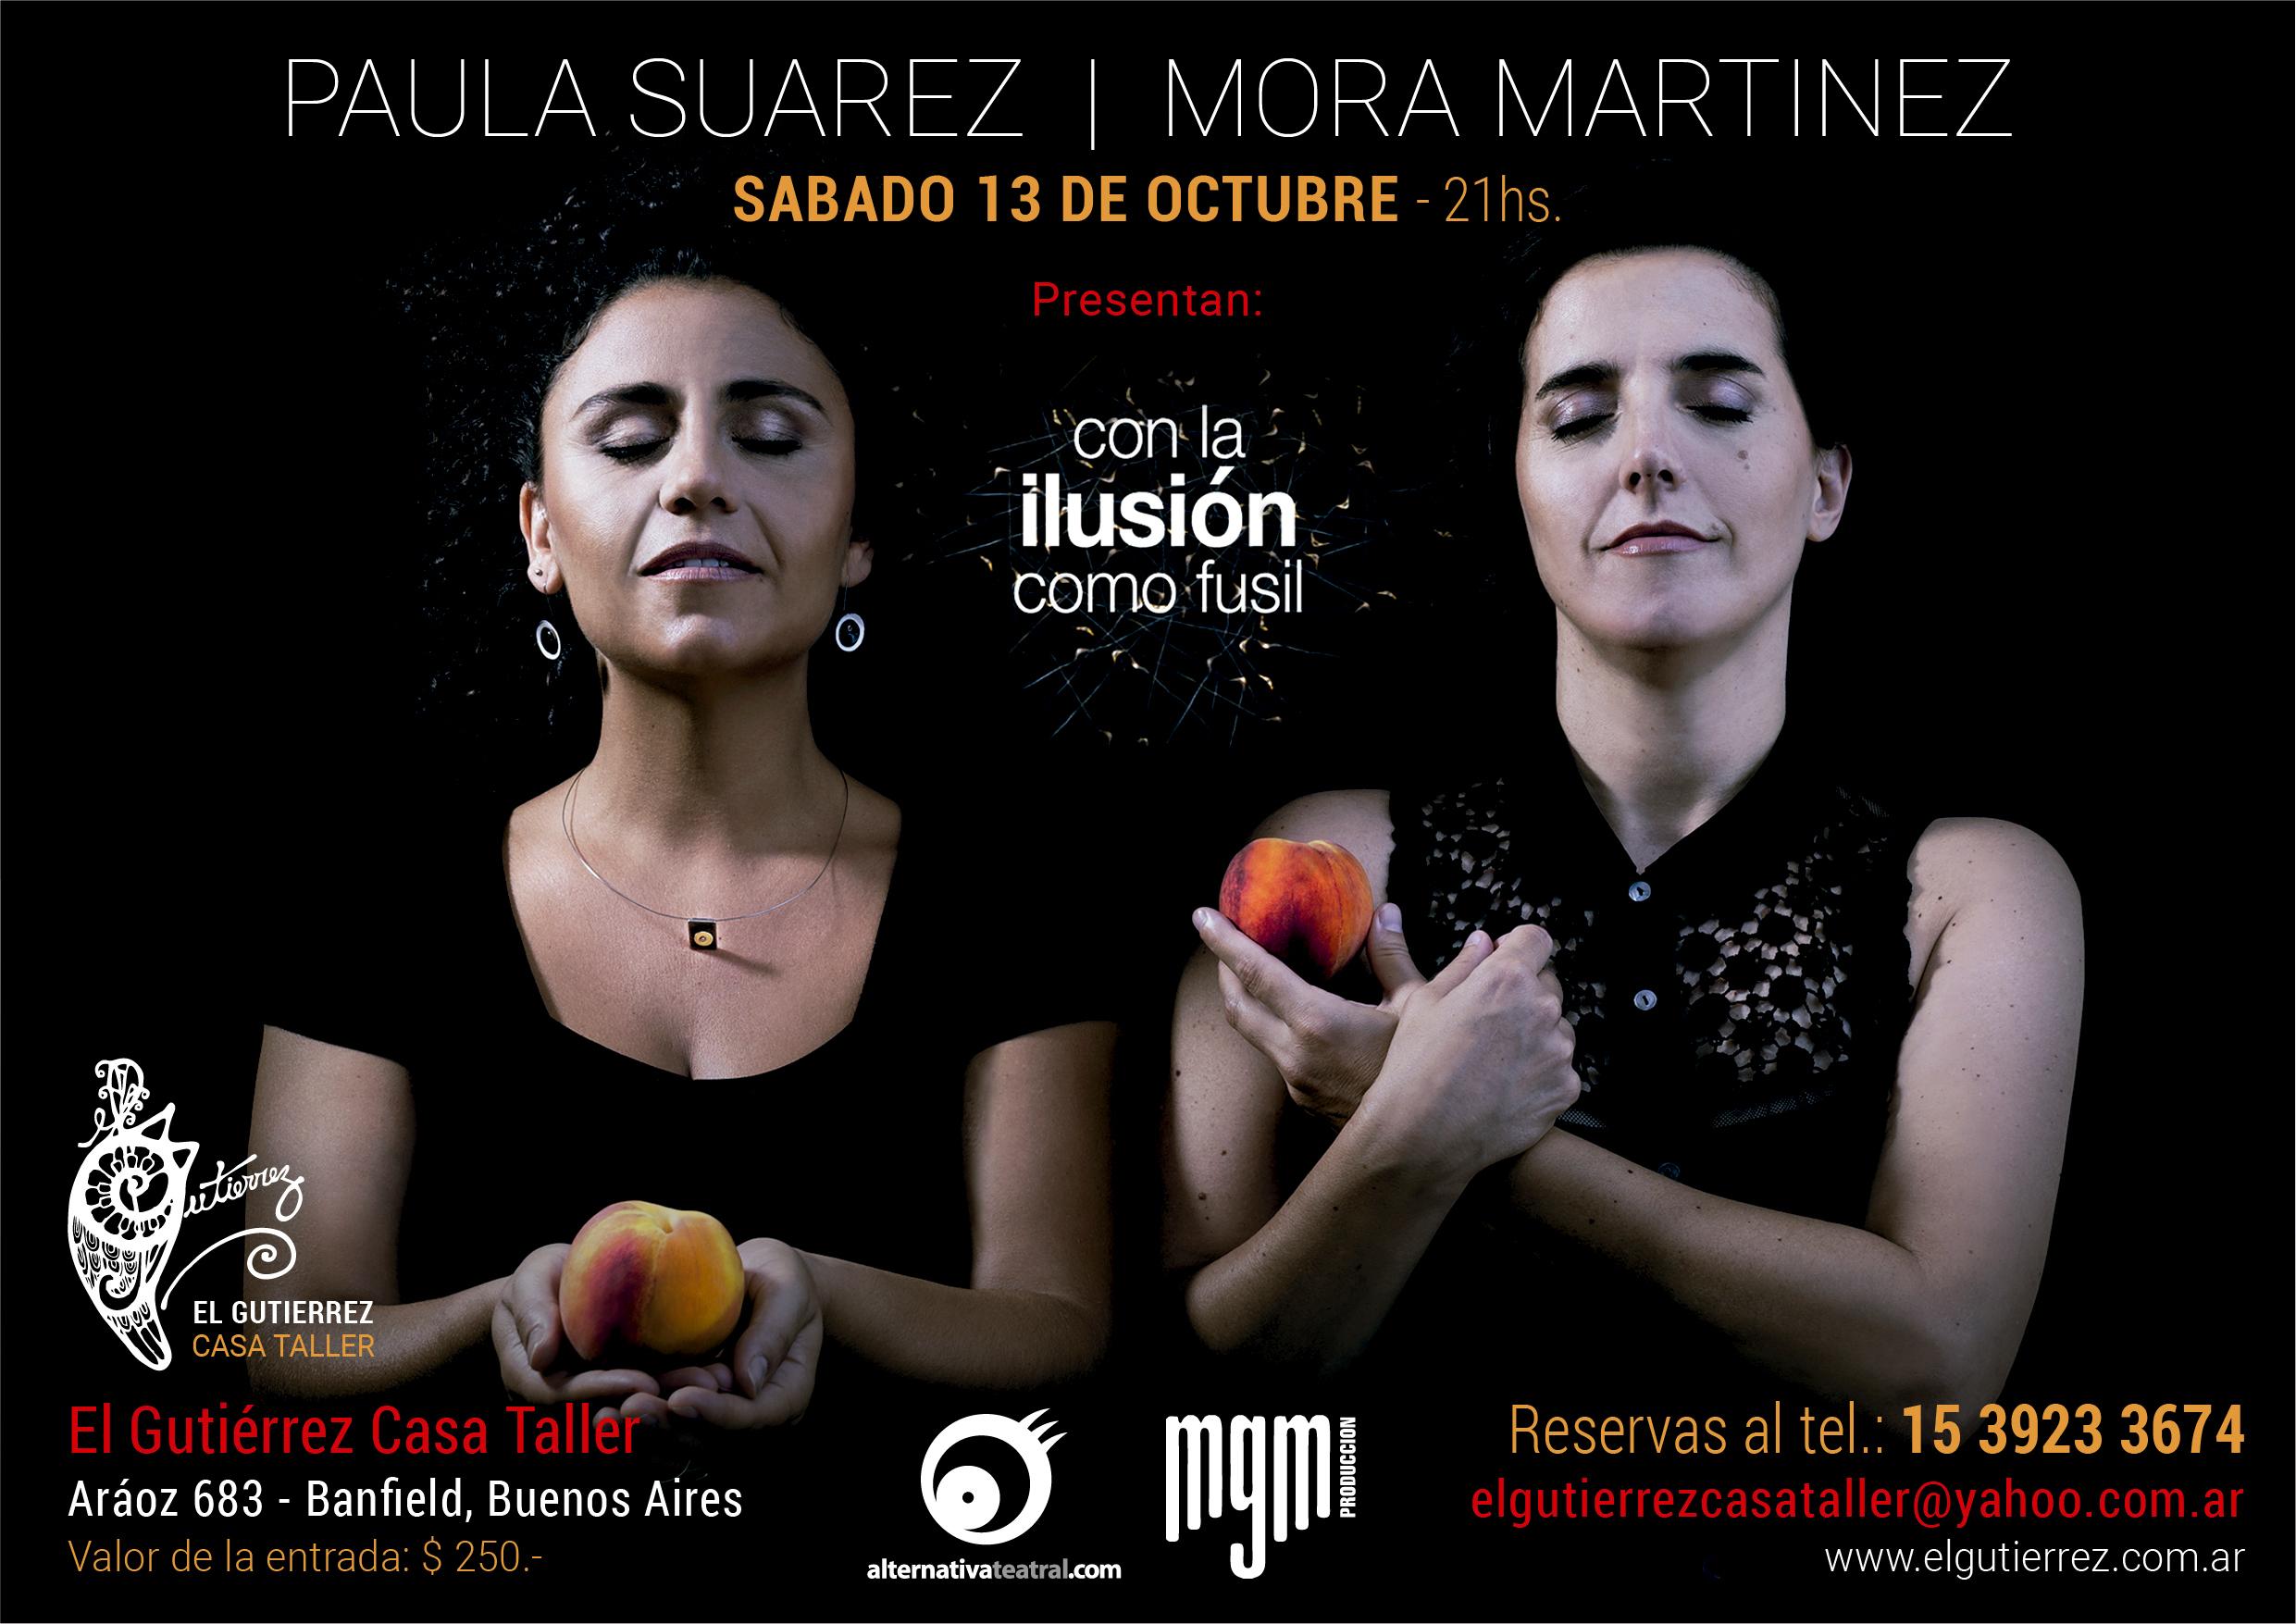 Mora Martinez y Paula Suarez